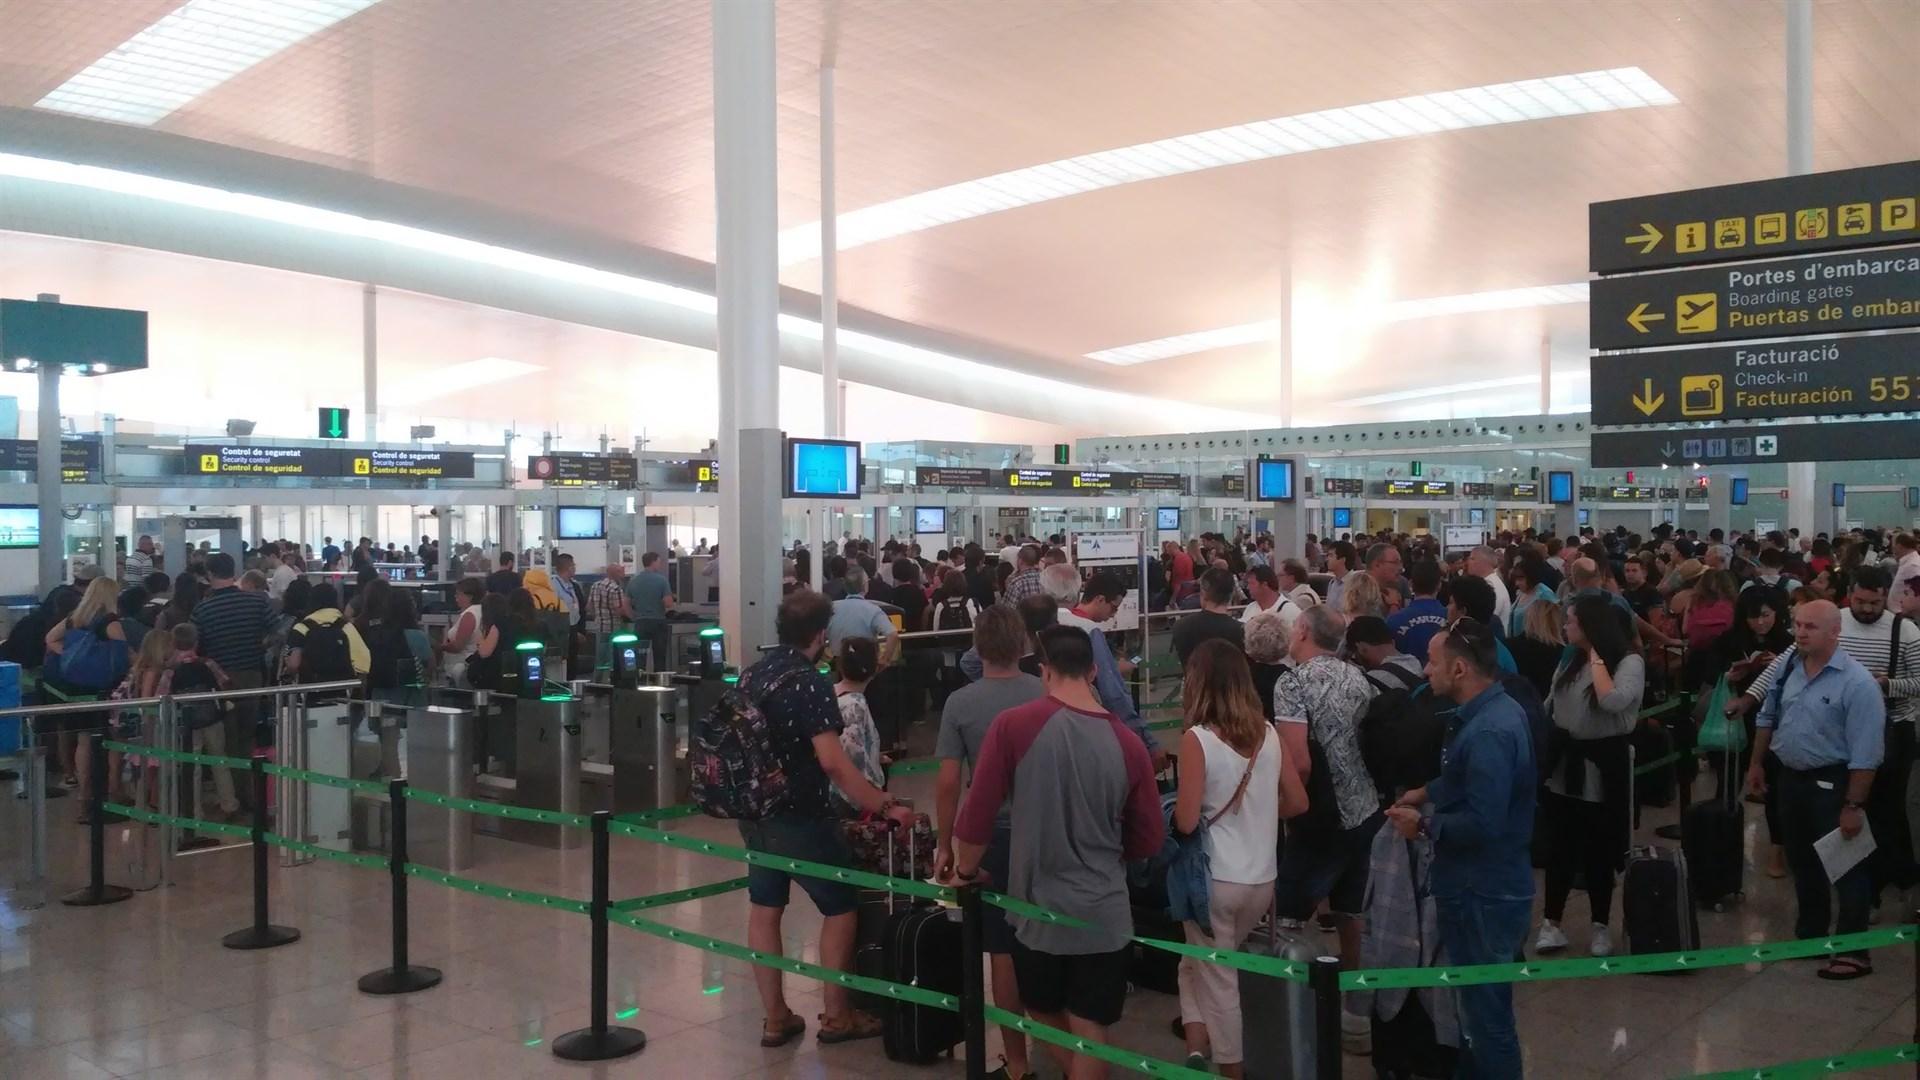 Colas en el aeropuerto barcelon s aena podr a sancionar a for Cajeros en el aeropuerto